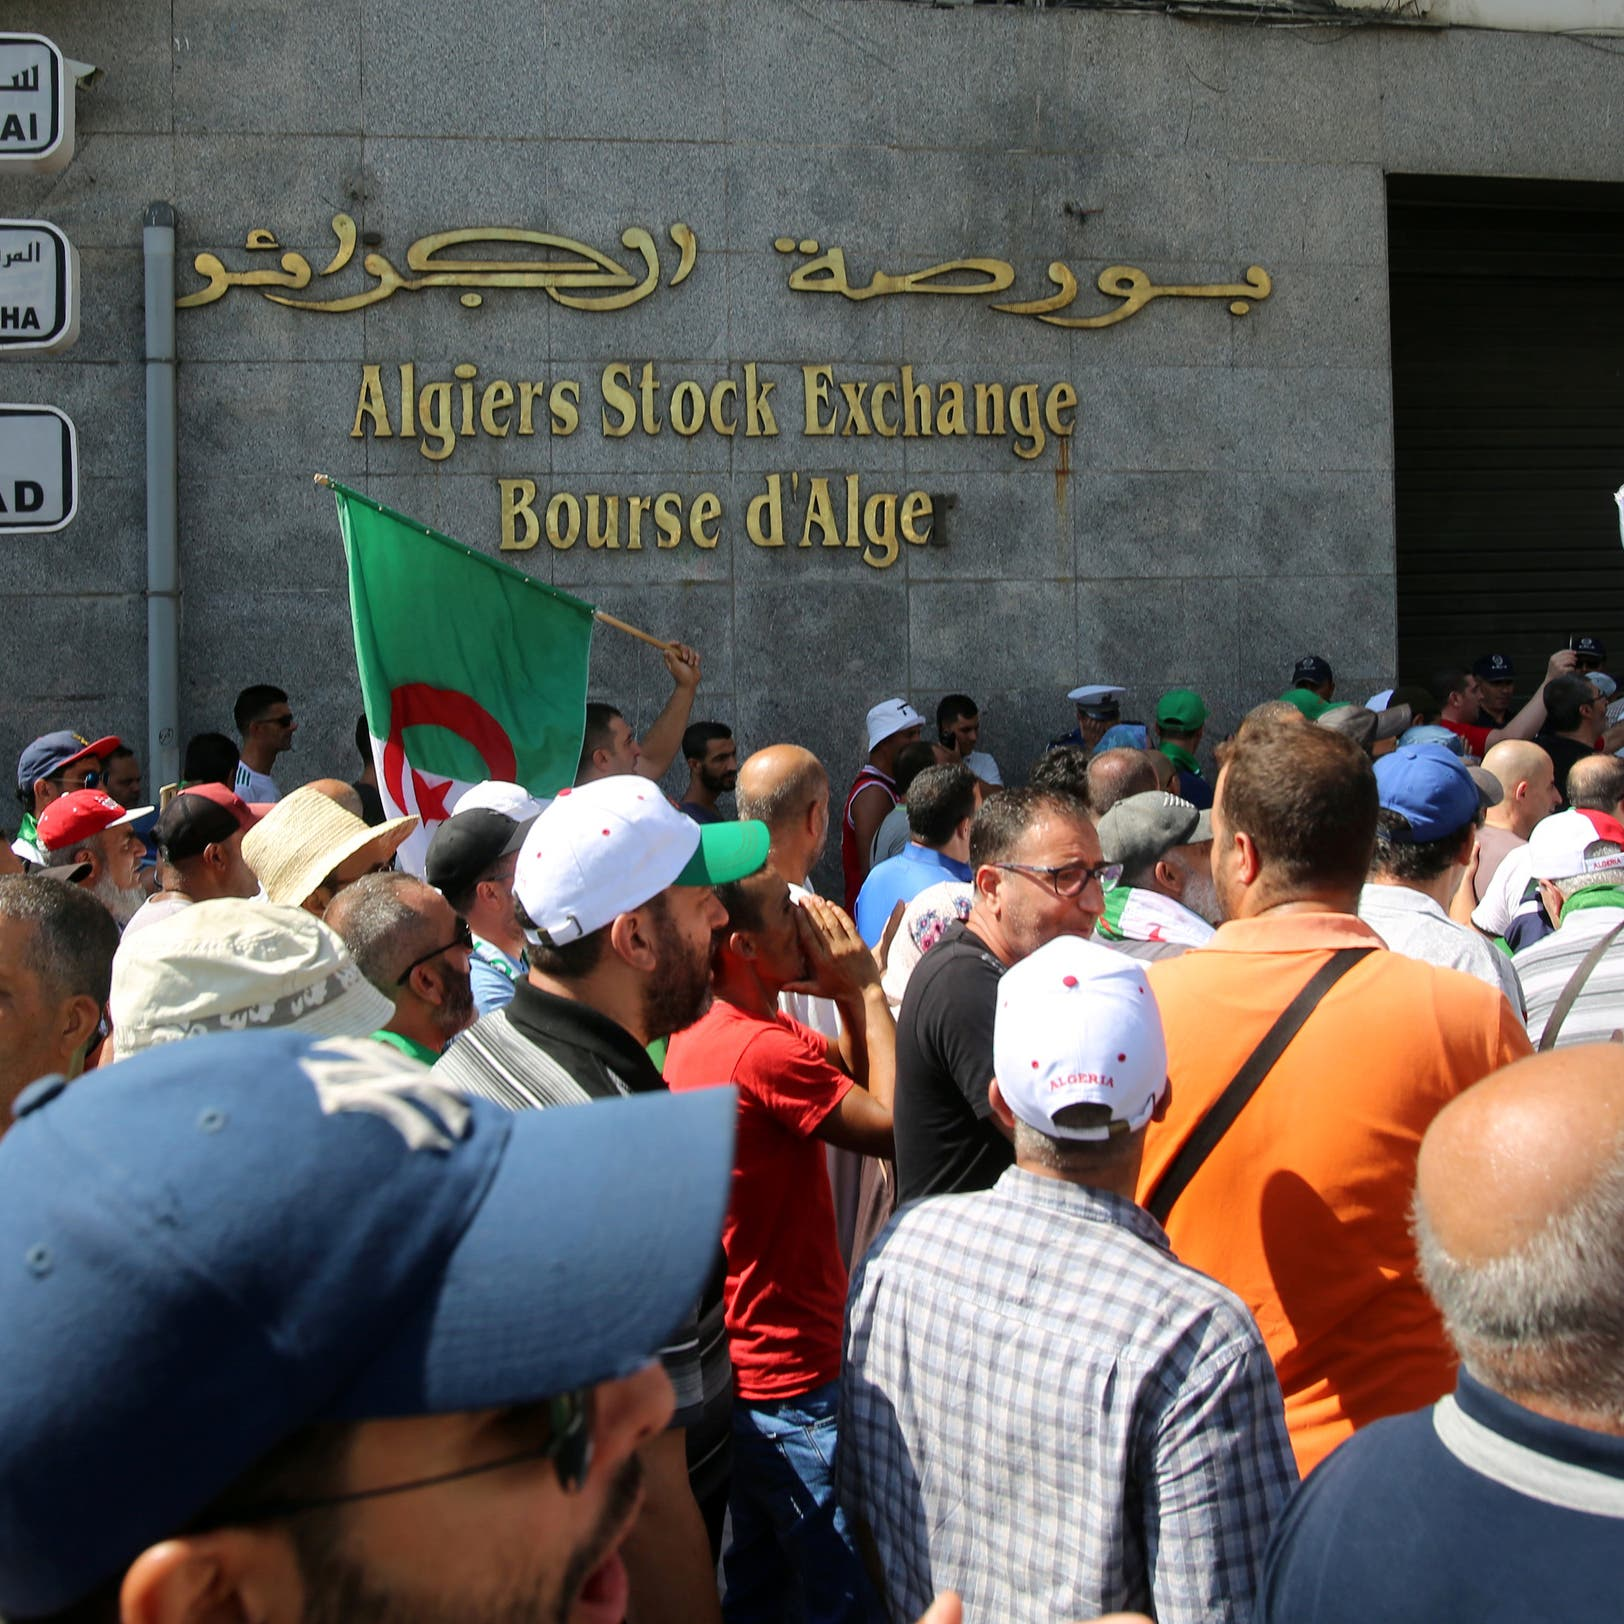 أولى خطوات الإصلاح.. الجزائر تعتزم بيع حصص في بنوك وشركات حكومية